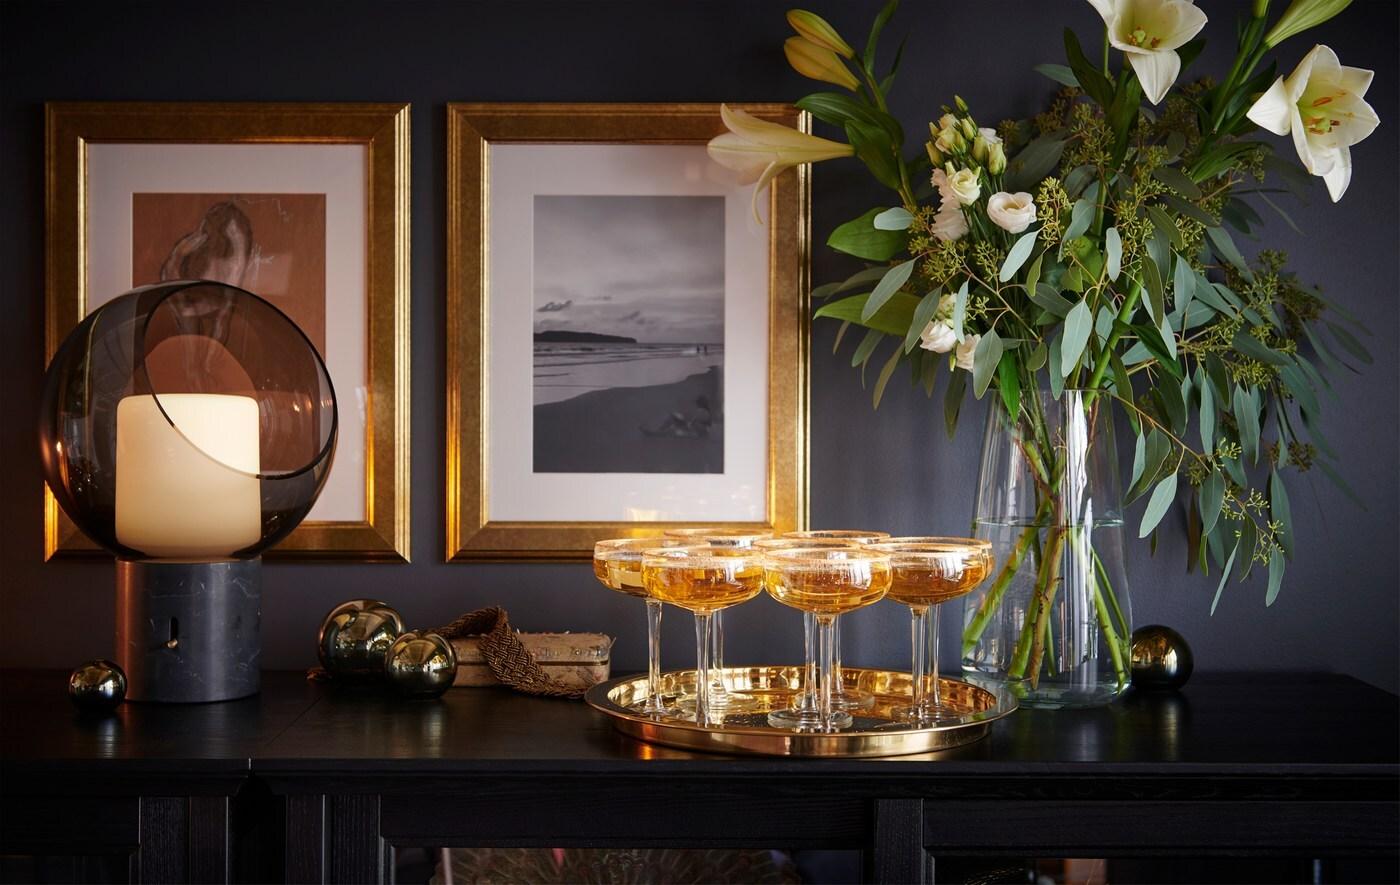 Verres de champagne sur un plateau doré, le tout posé sur une table noire. Une lampe EVEDAL et un vase de fleurs complètent la déco.